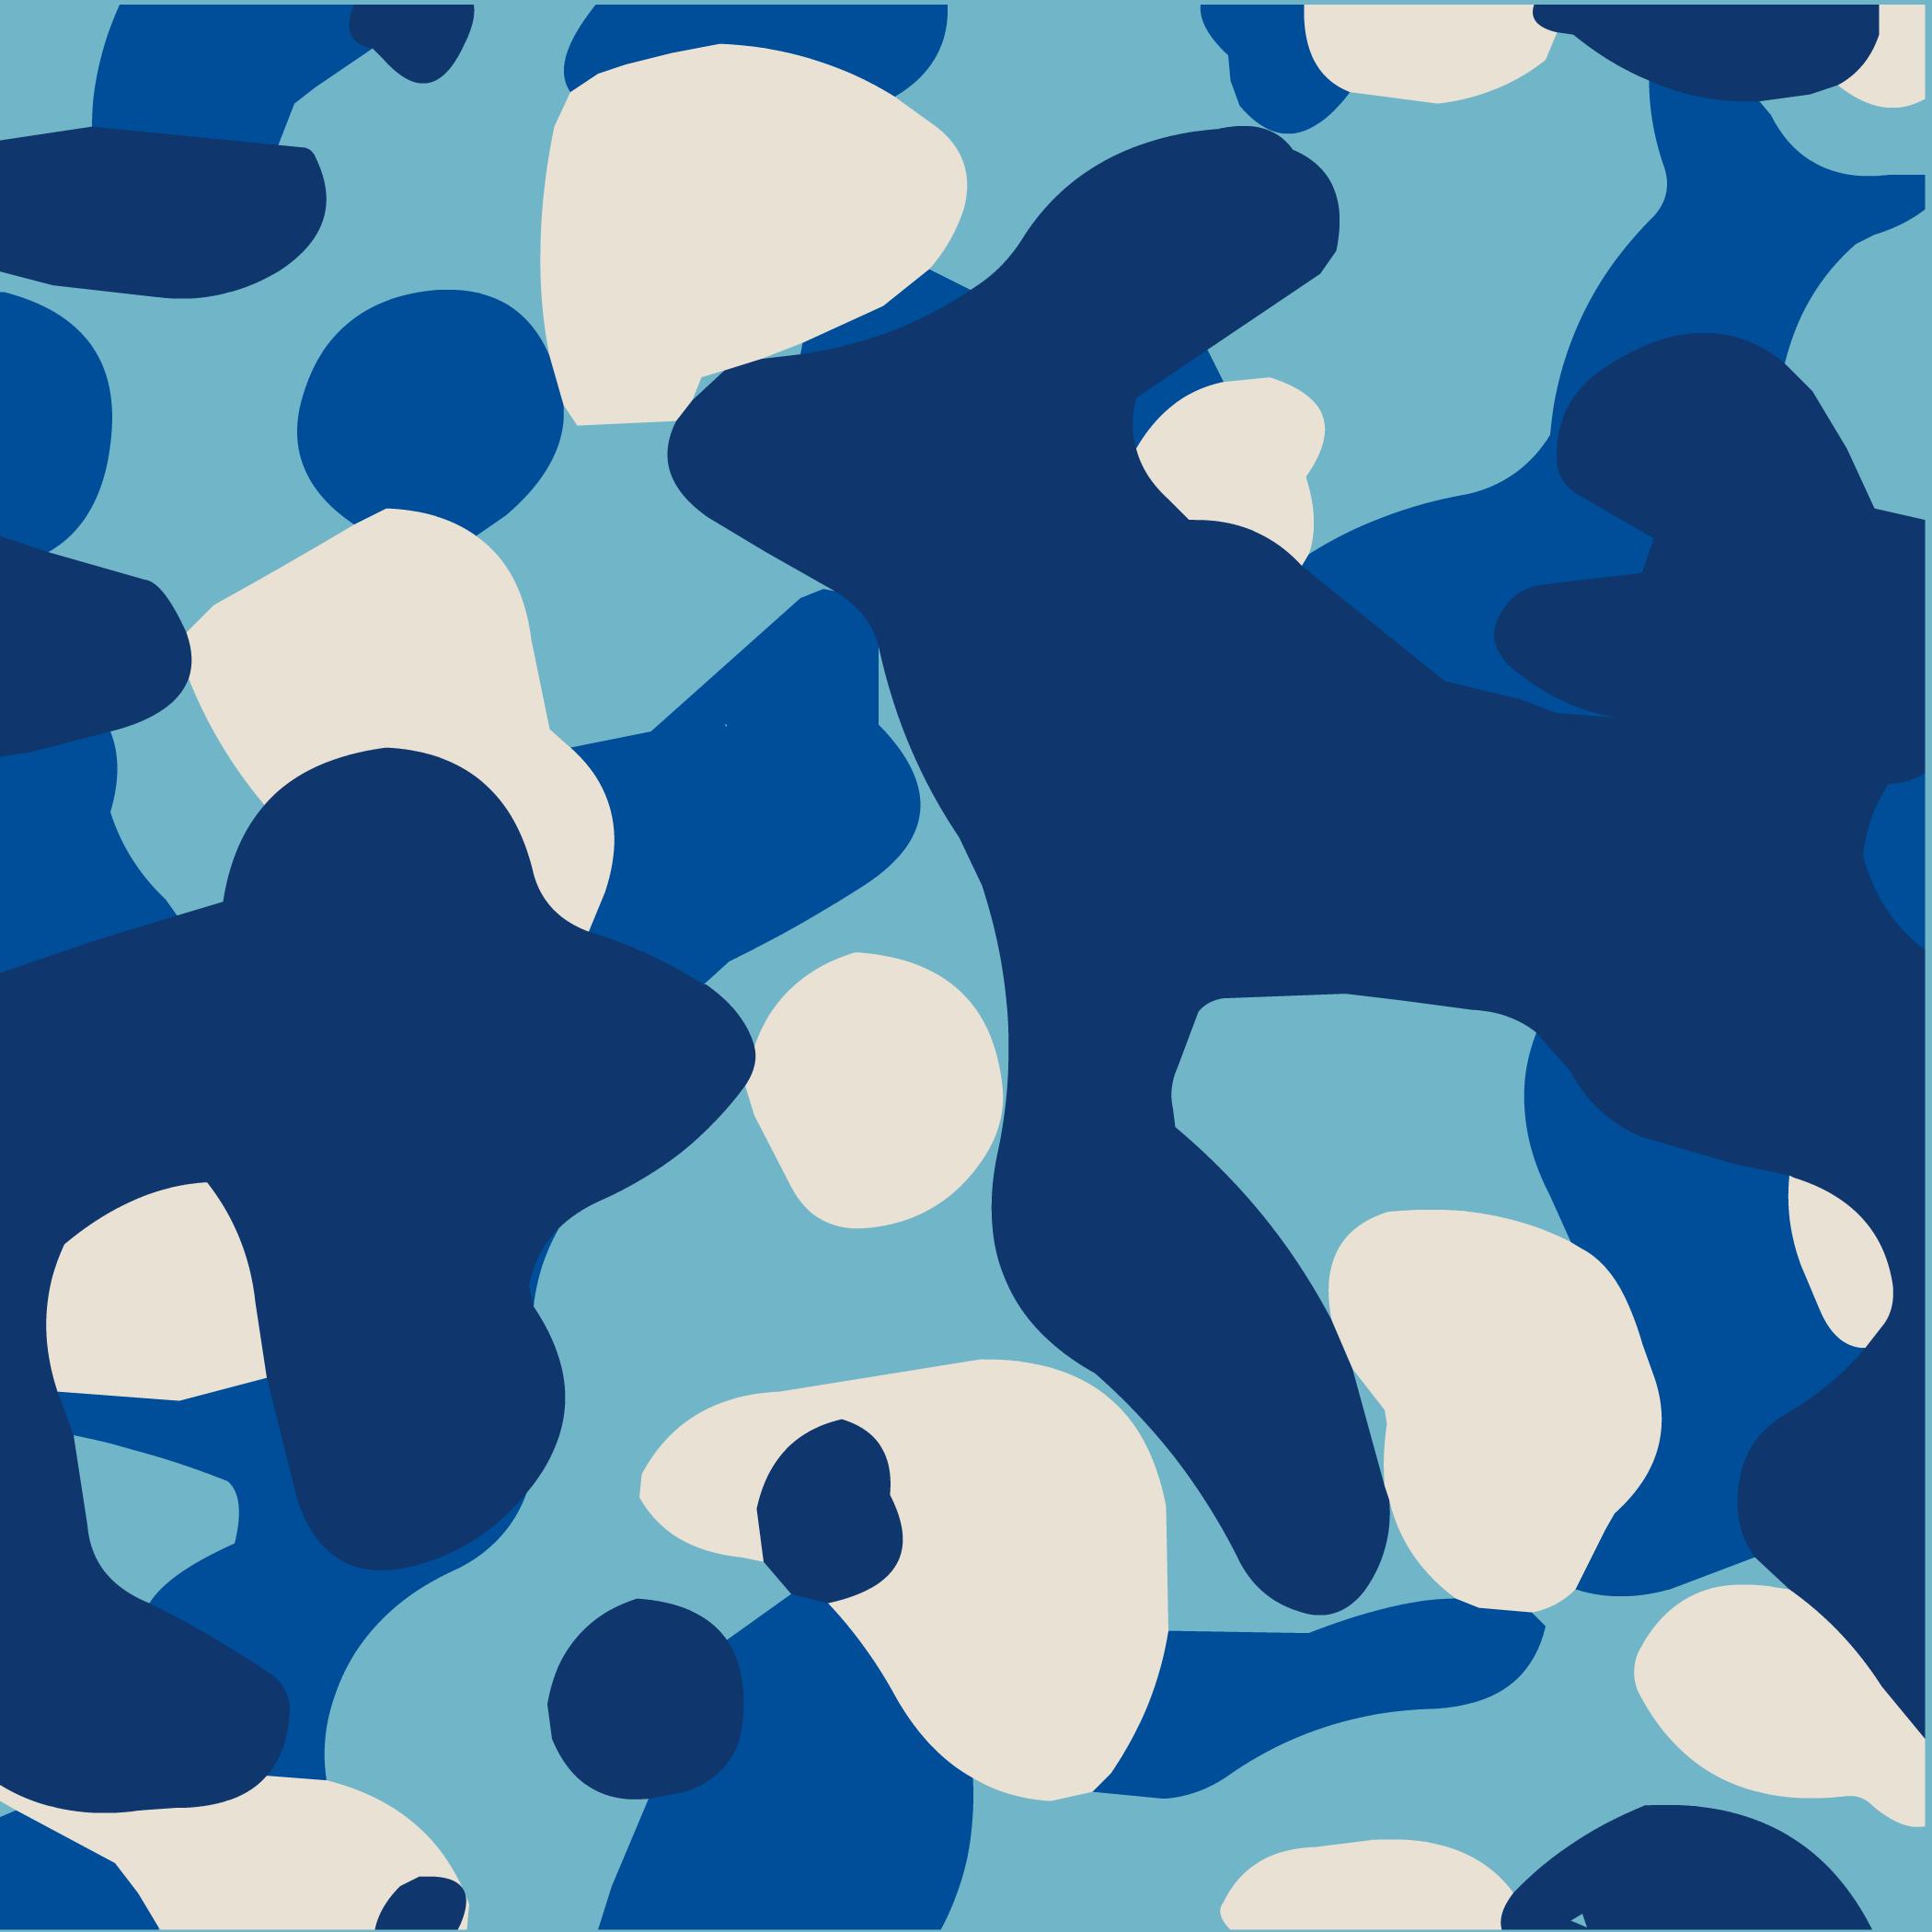 Blue Camo Background